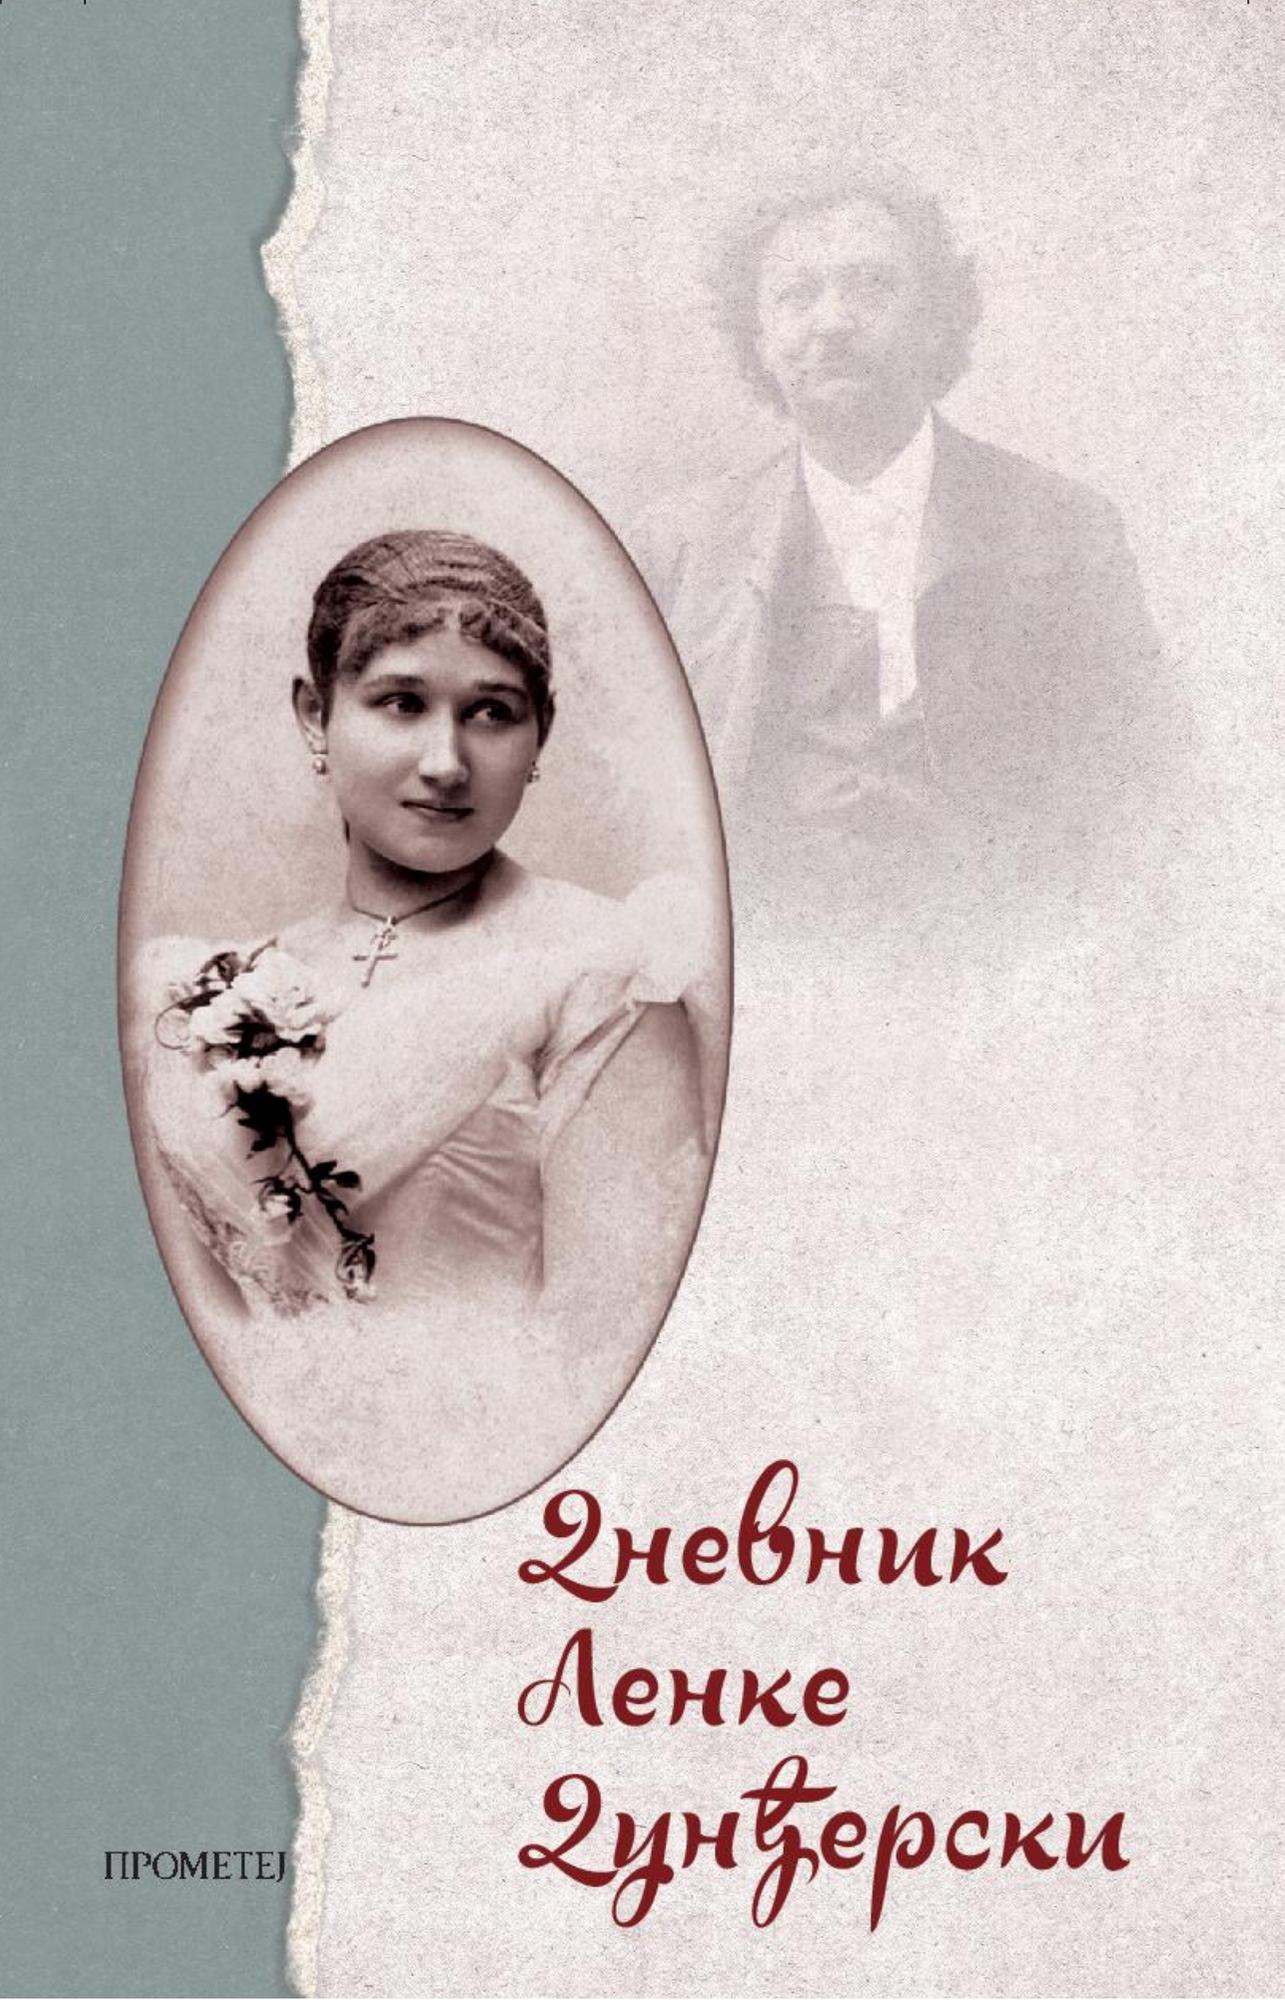 Из сна у сан – Дневник Ленке Дунђерски